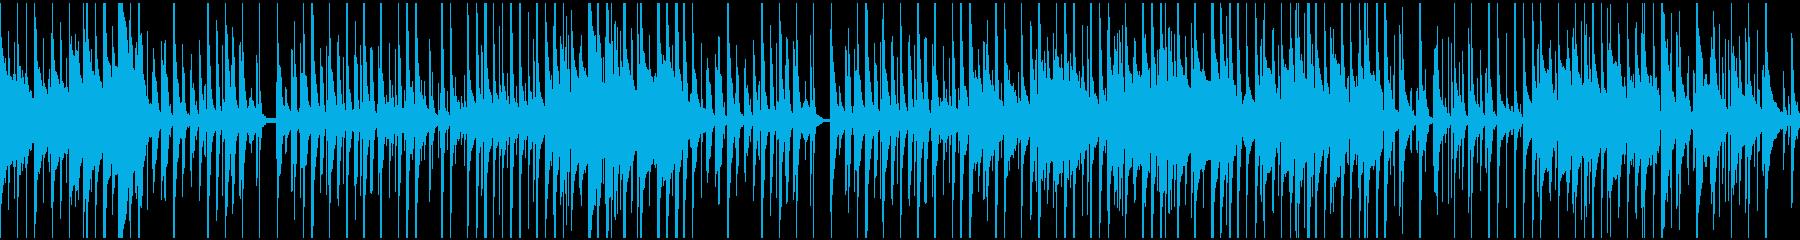 ほのぼの、可愛い感じのBGM(ループ)の再生済みの波形